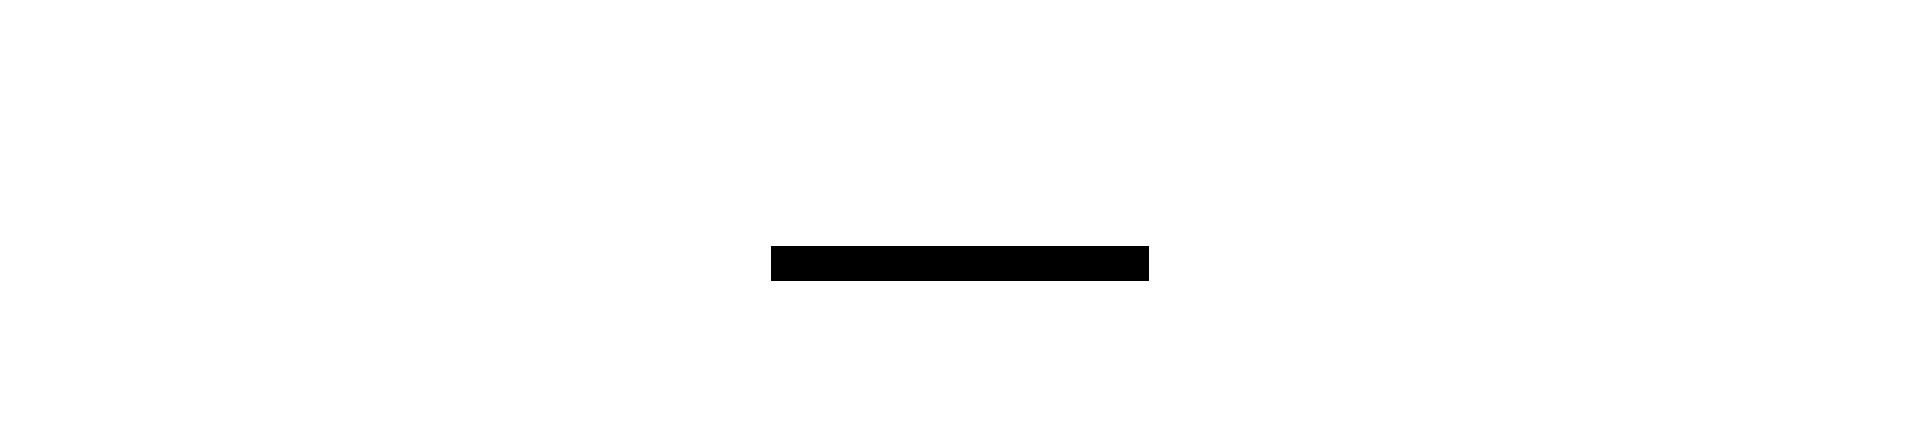 LepageIllus-copie-14